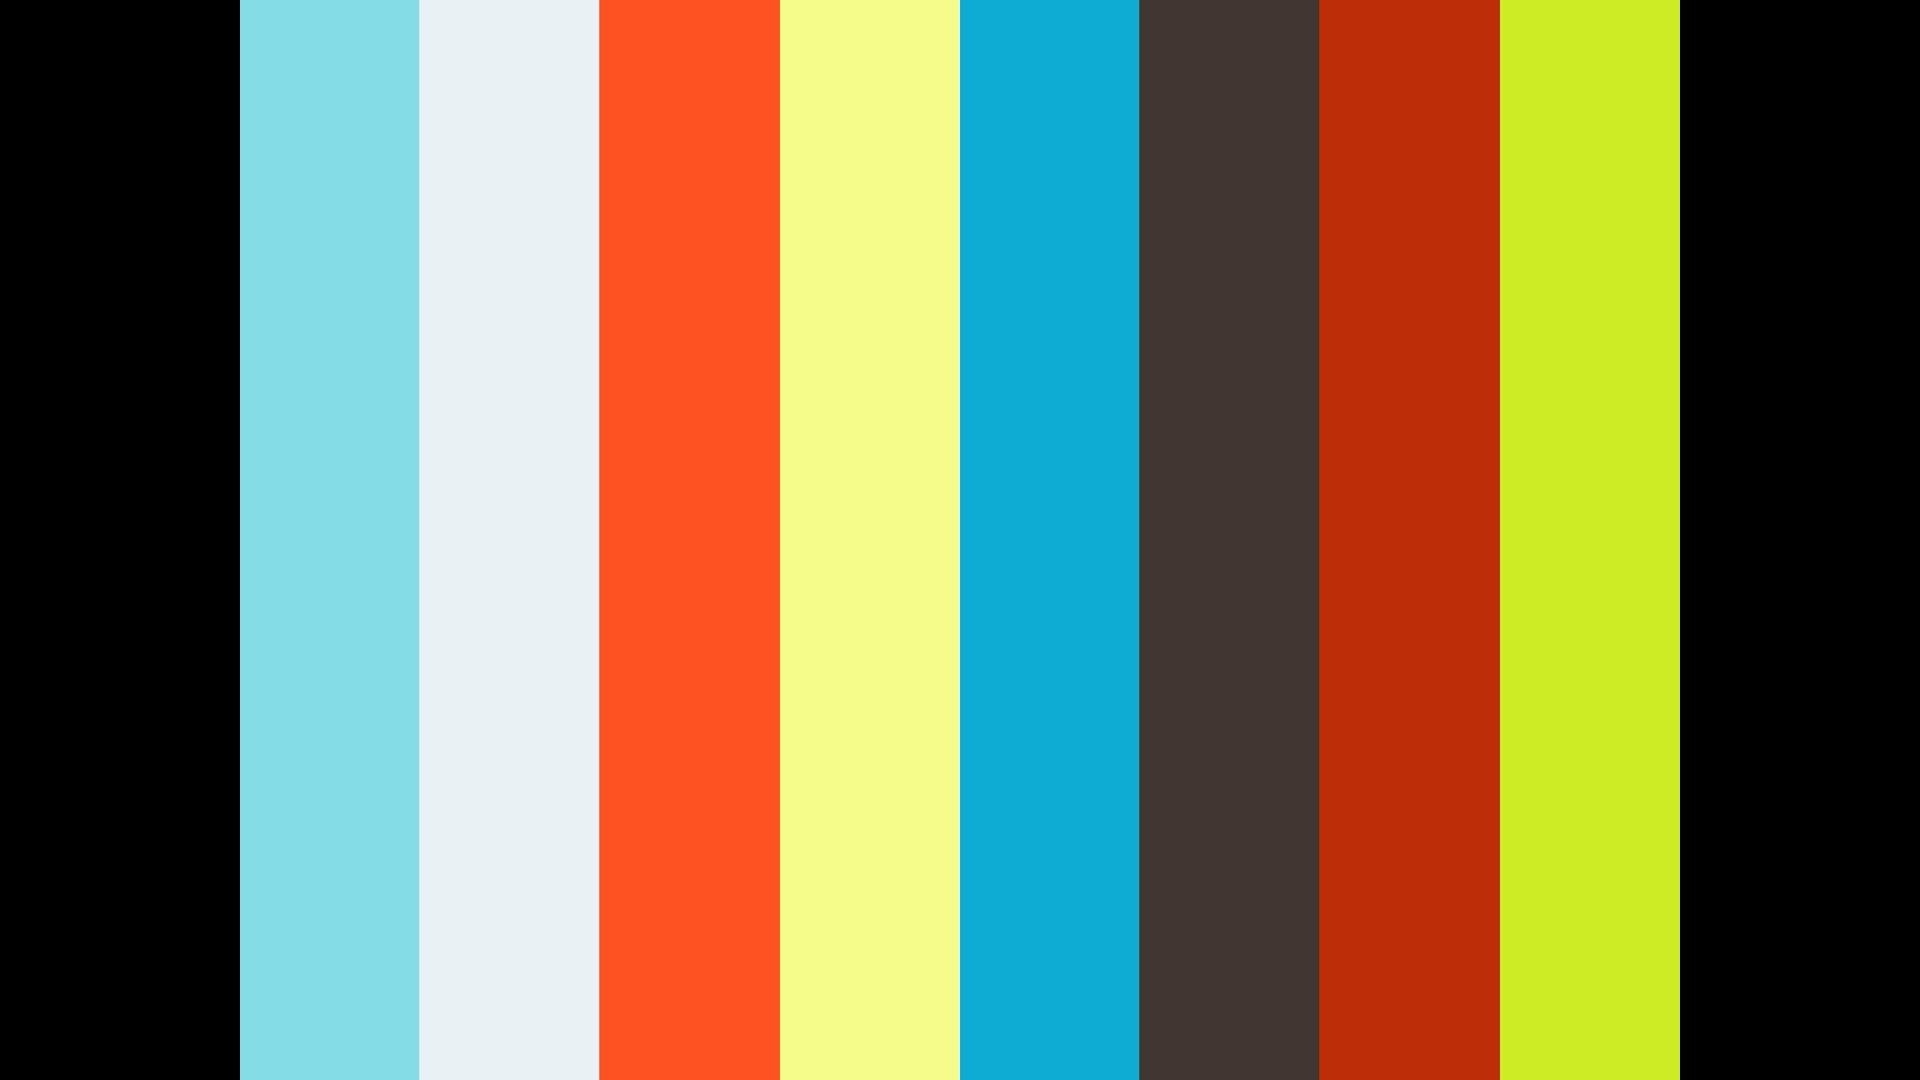 Midweek: Tiana Spencer 03.25.20